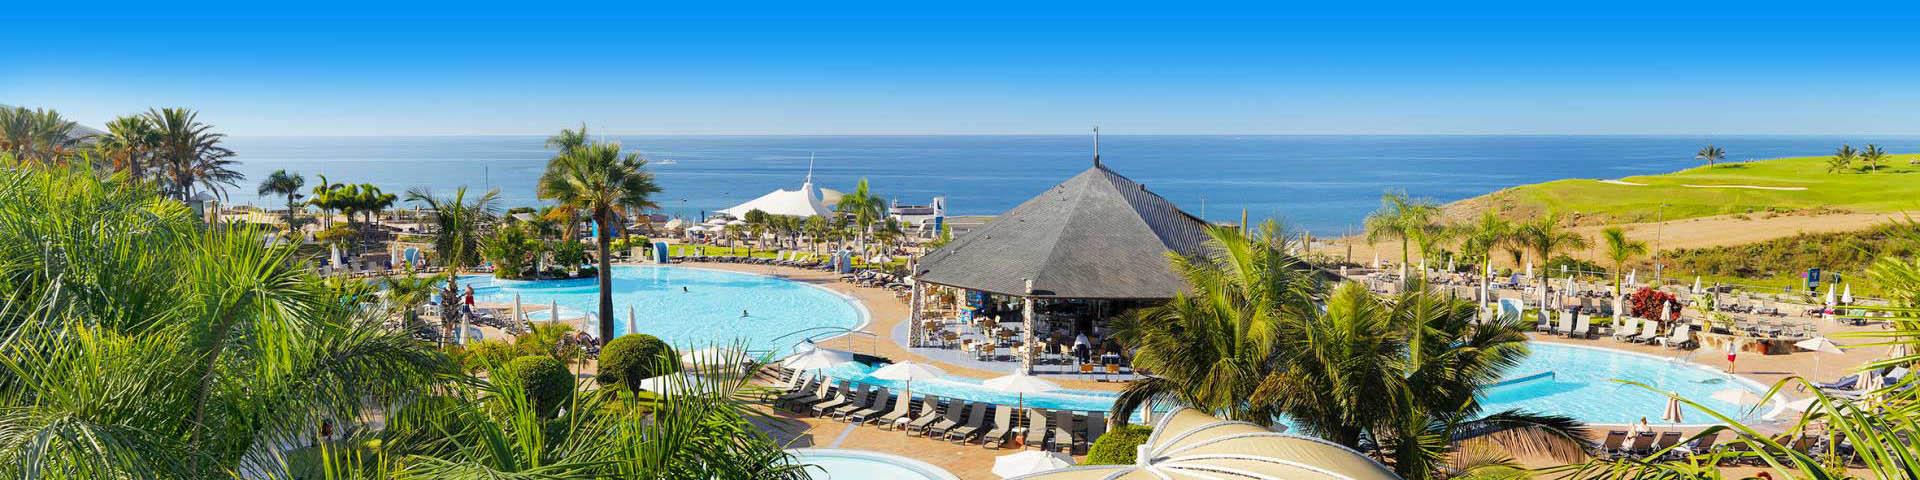 All Inclusive resort aan het strand met zwembad en palmbomen op Gran Canaria